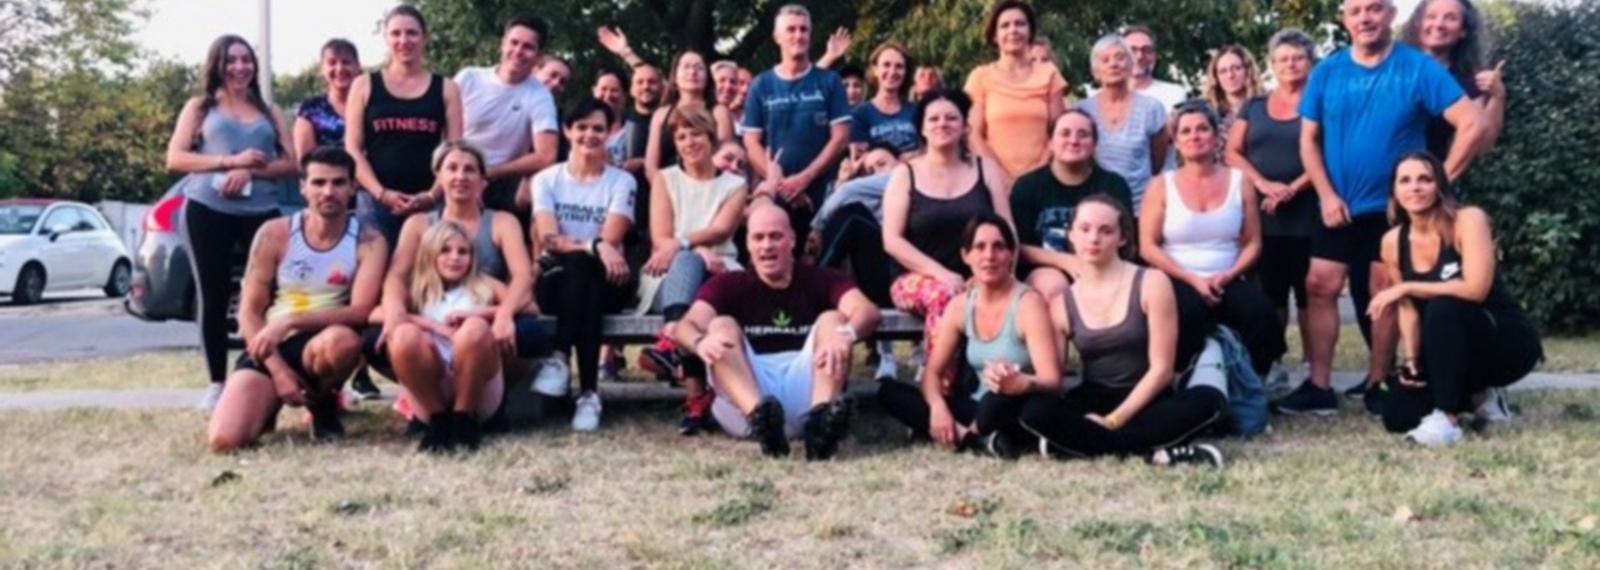 Accompagnateurs sportifs à Saint-Rémy-de-Provence